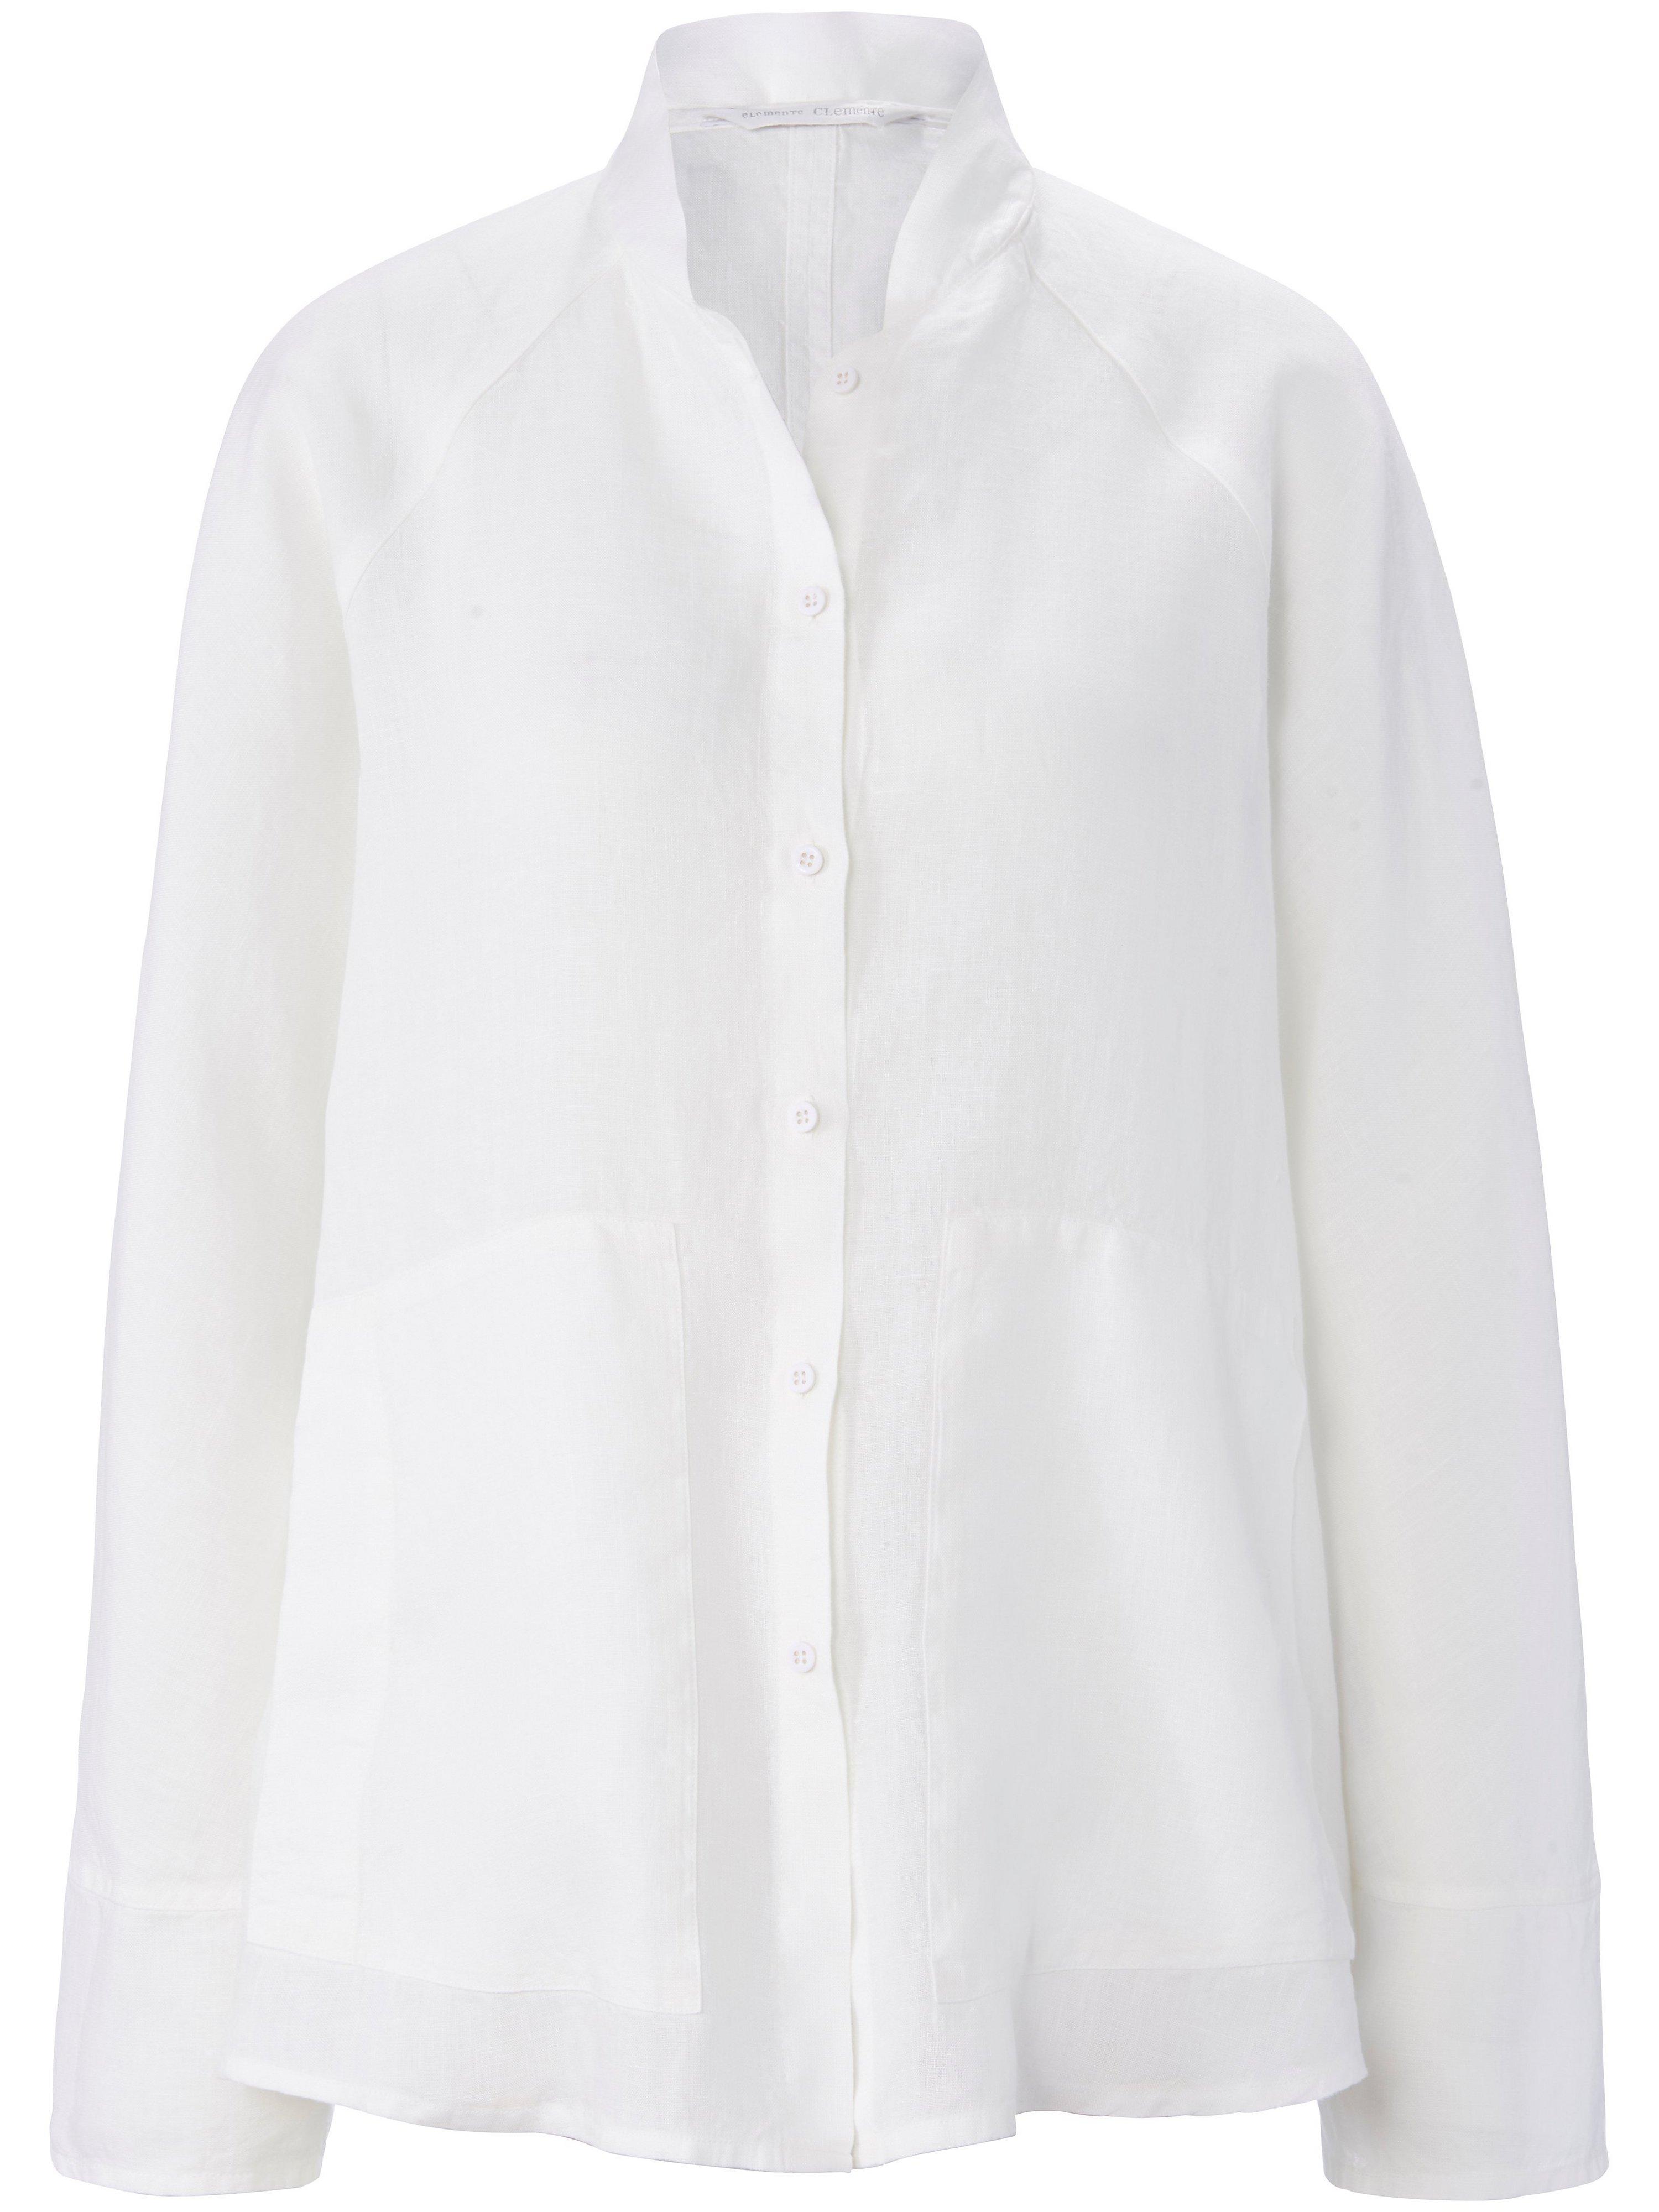 Blousejasje 100% linnen lange mouwen Van elemente clemente wit